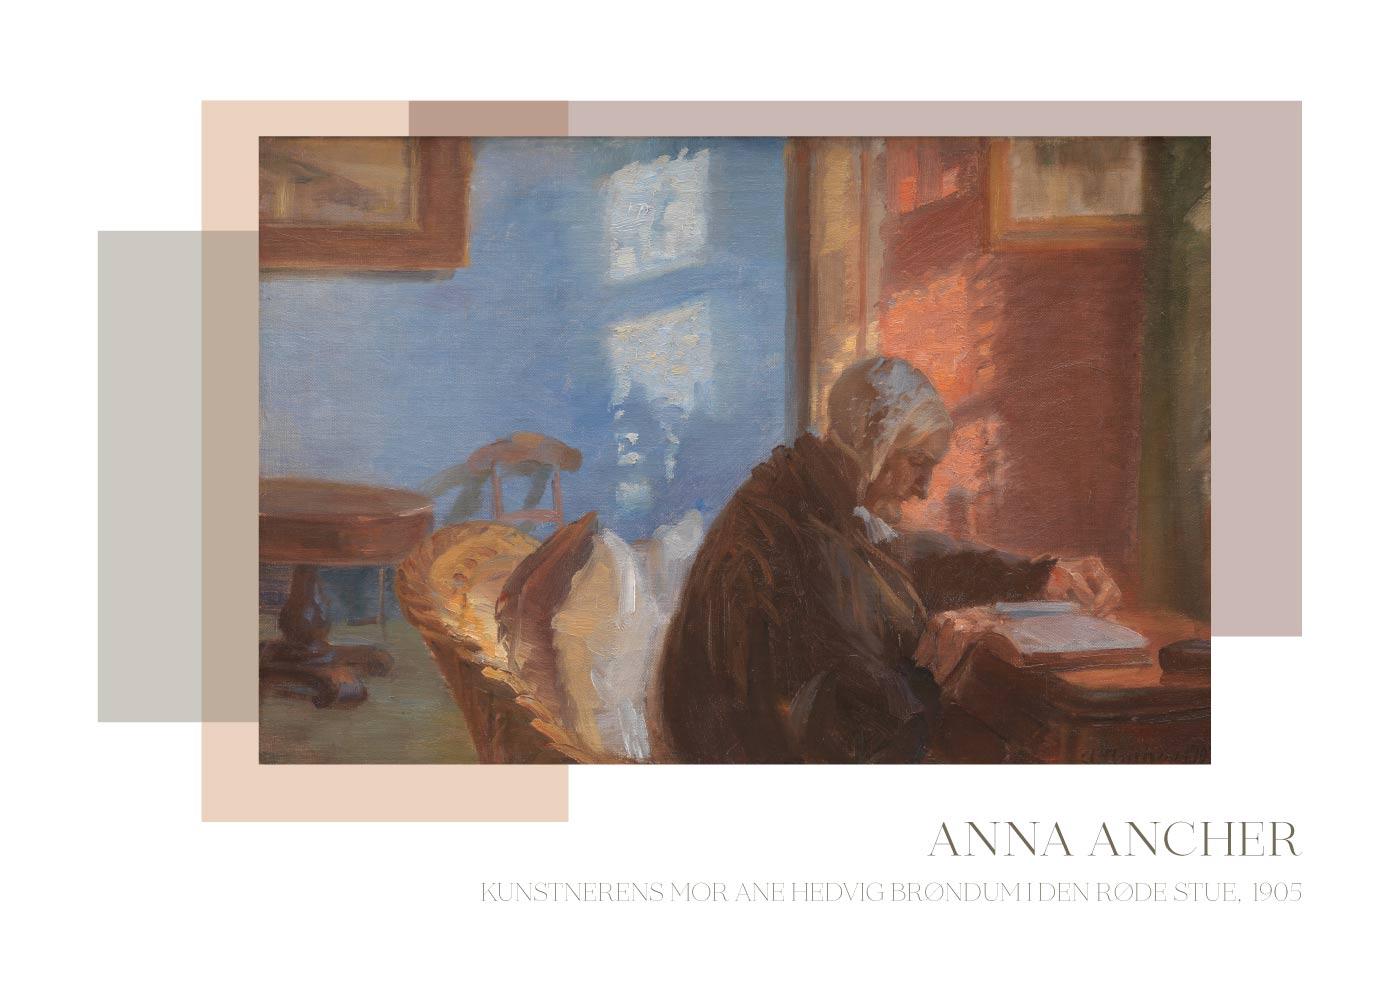 Billede af Kunstnerens mor - Anna Ancher plakat